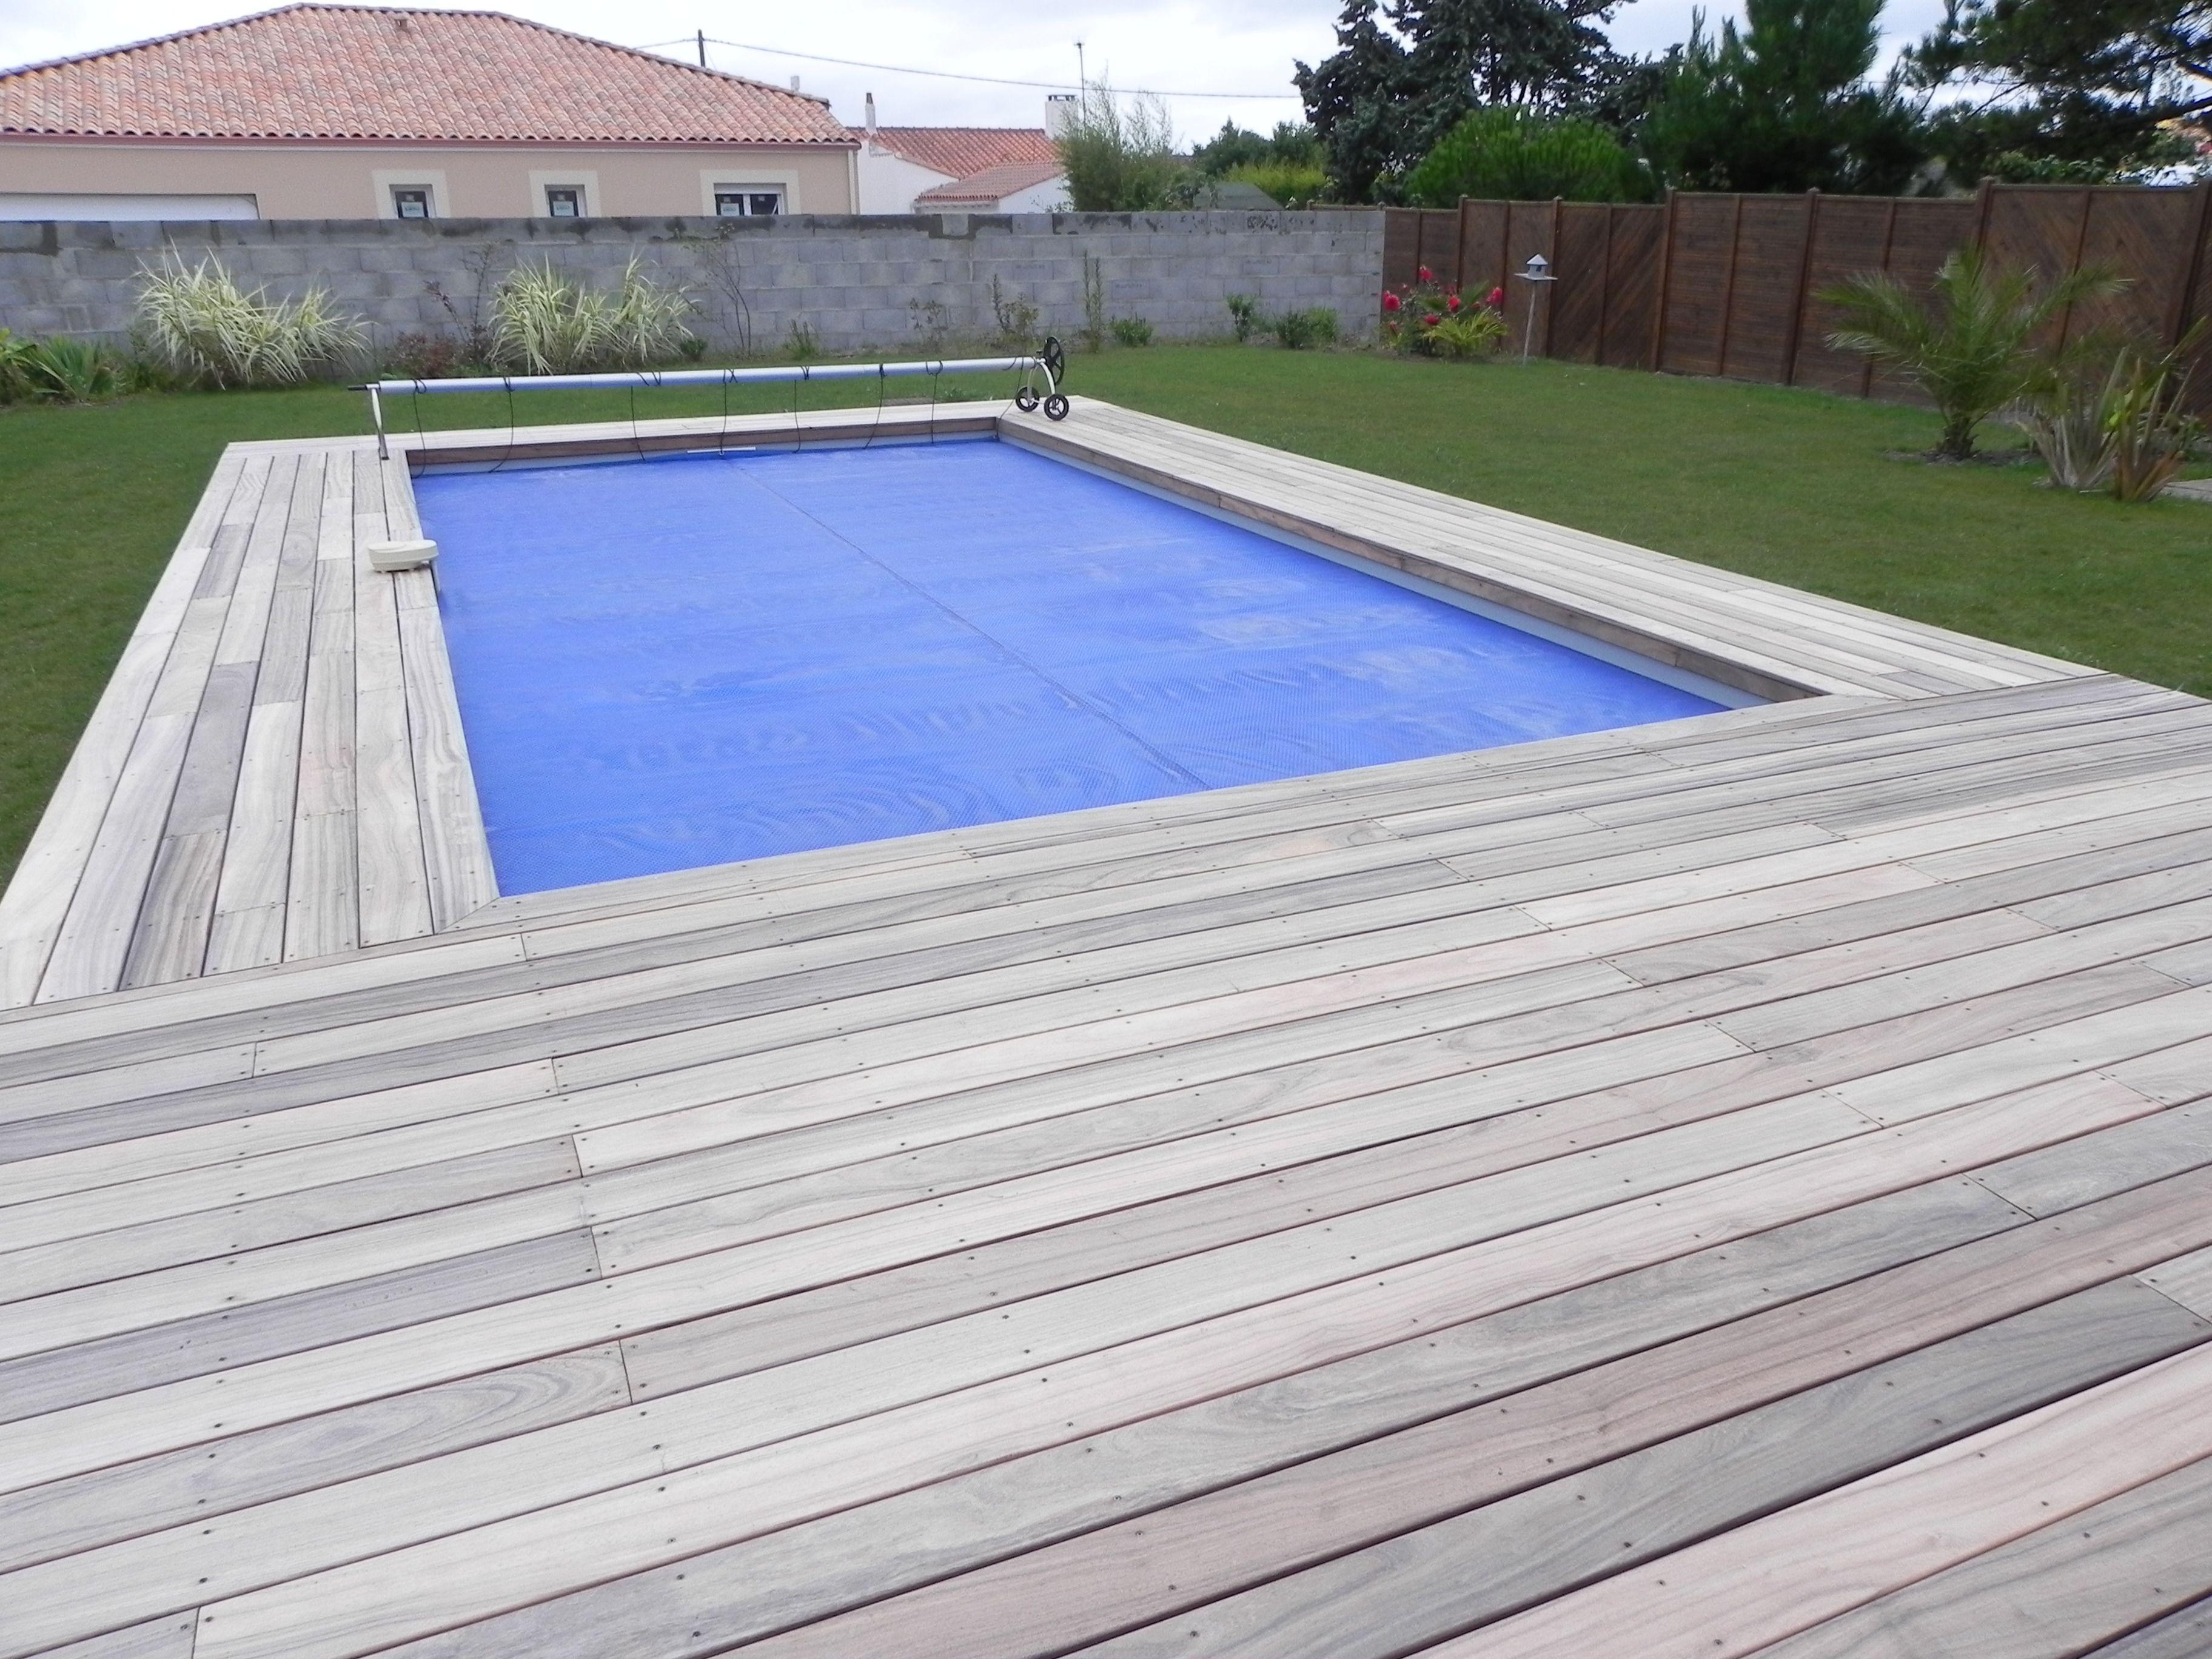 bache a bulle 8x4 awesome margelles plates sable desert pour tour de piscine x with bache a. Black Bedroom Furniture Sets. Home Design Ideas